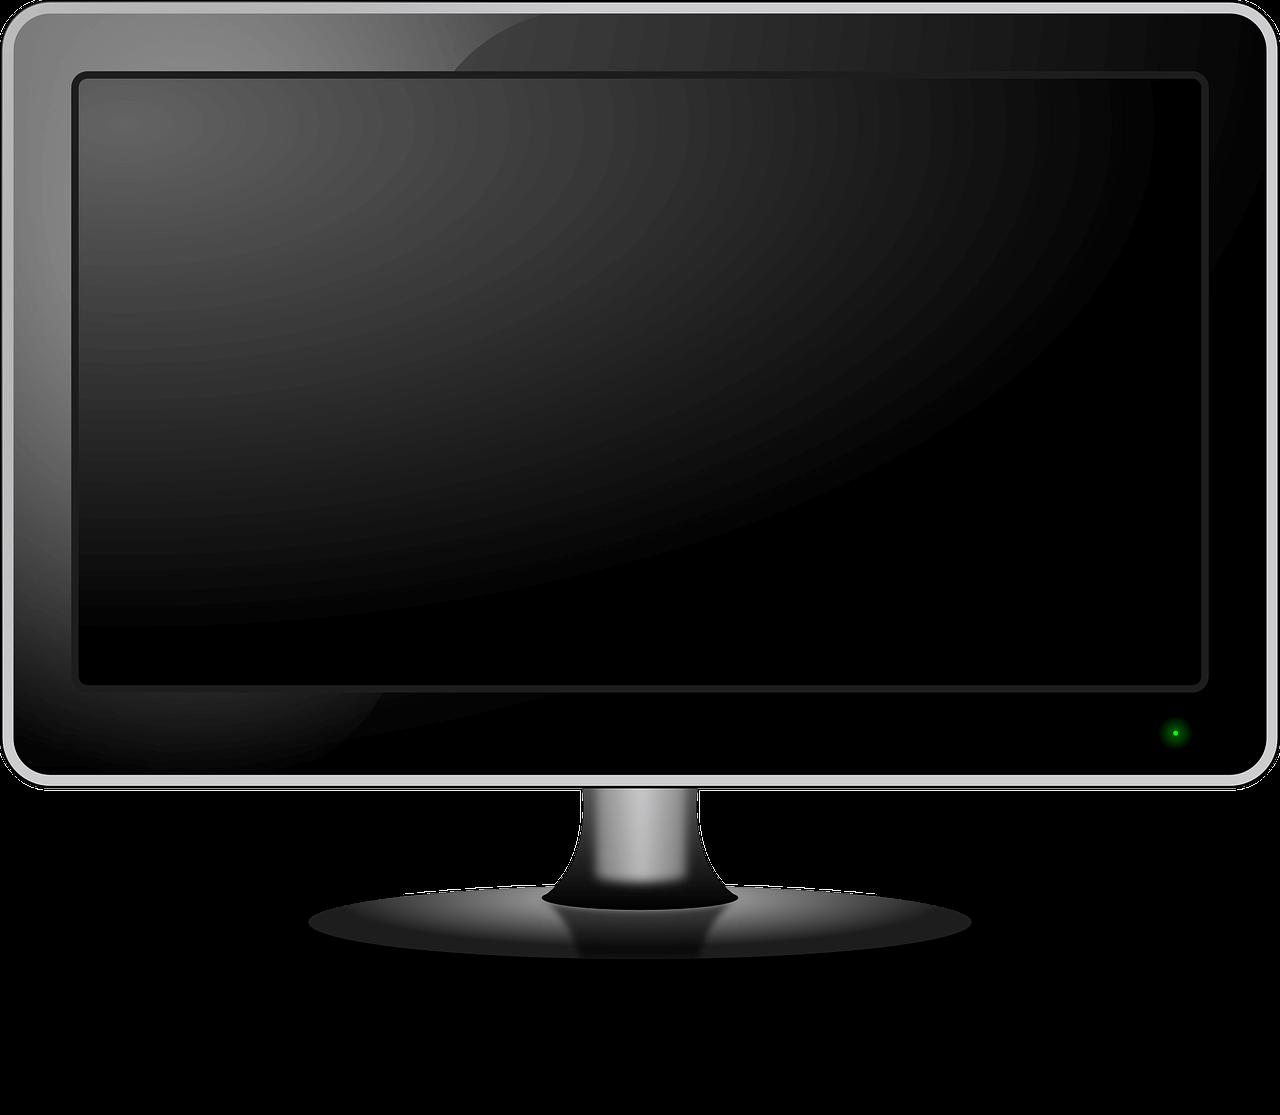 家電(テレビ)